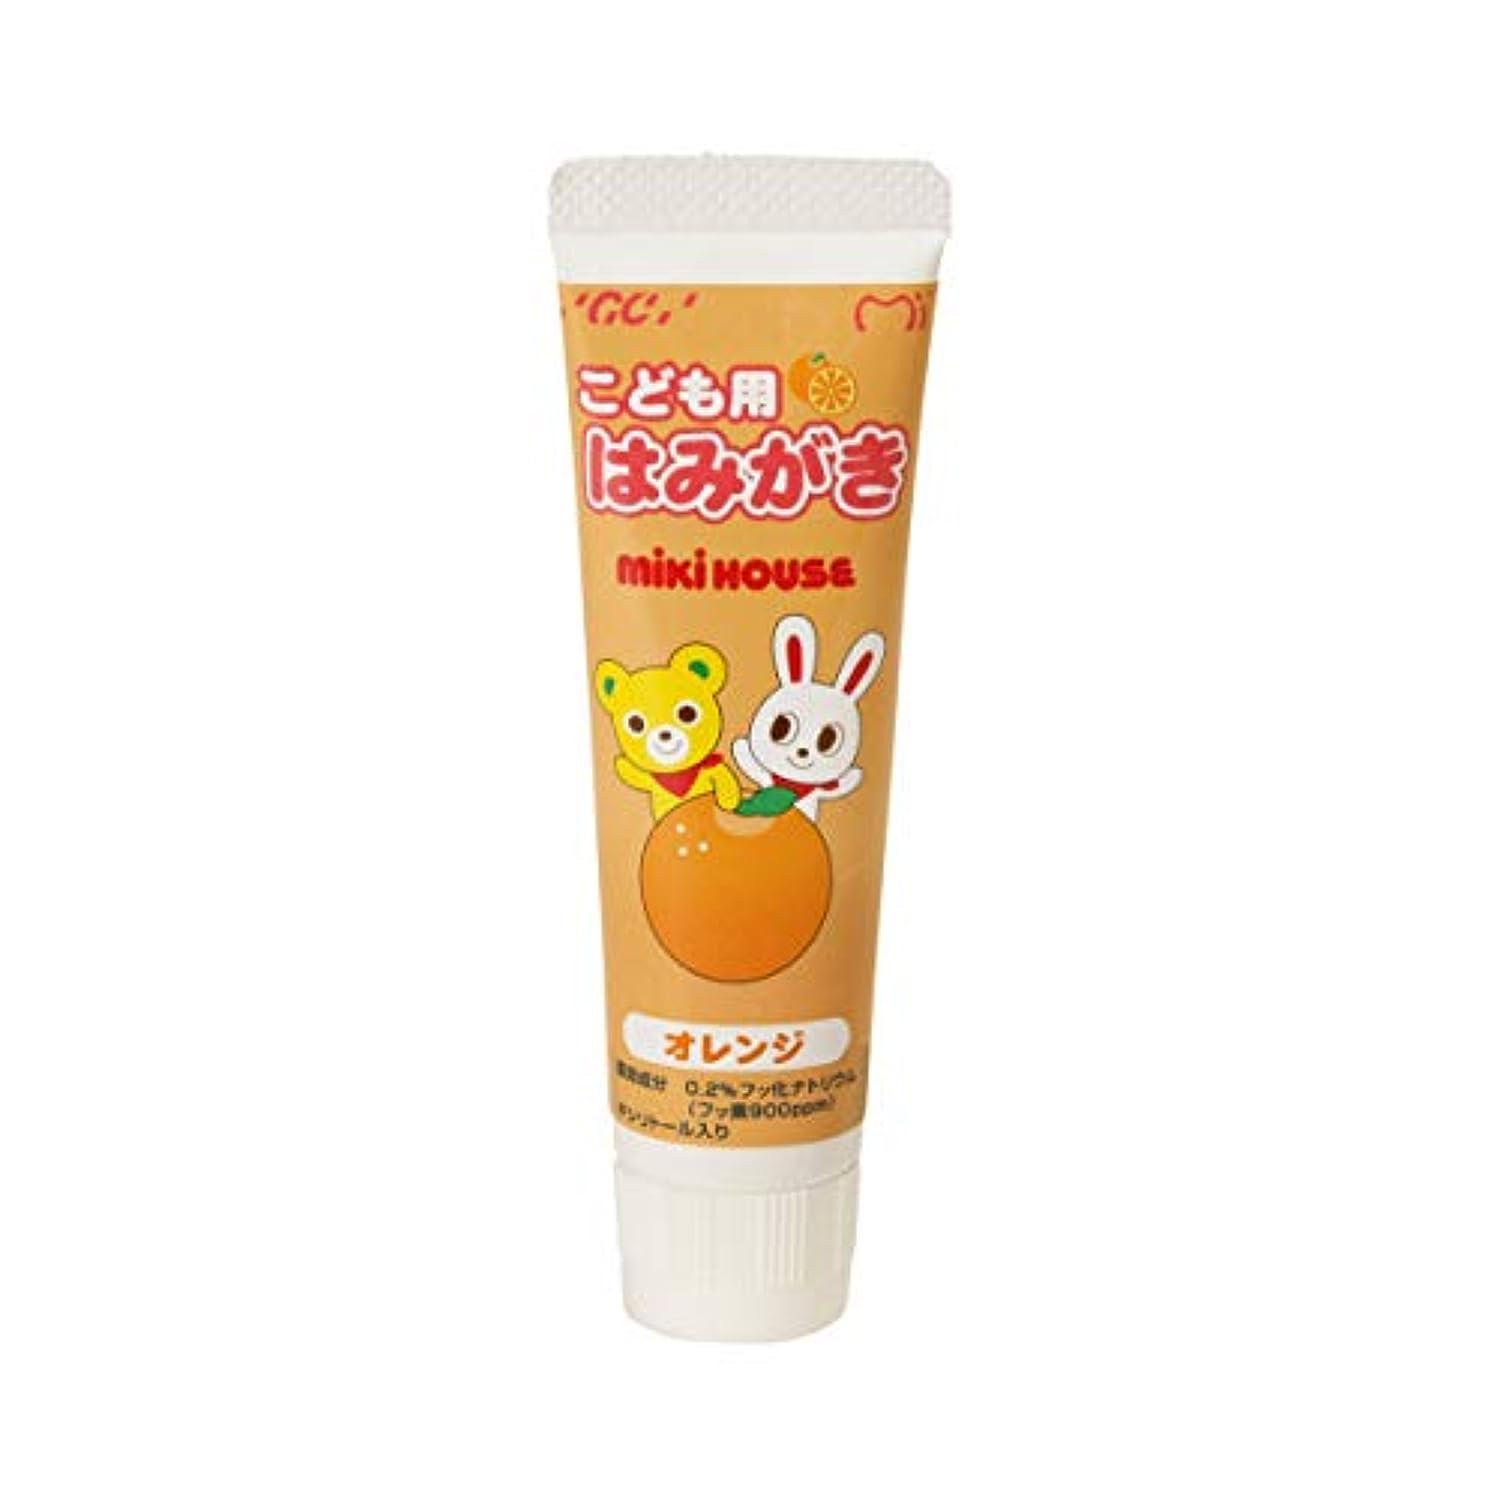 言う調和のとれたマサッチョミキハウス (MIKIHOUSE) 歯みがき 15-4065-676 - オレンジ